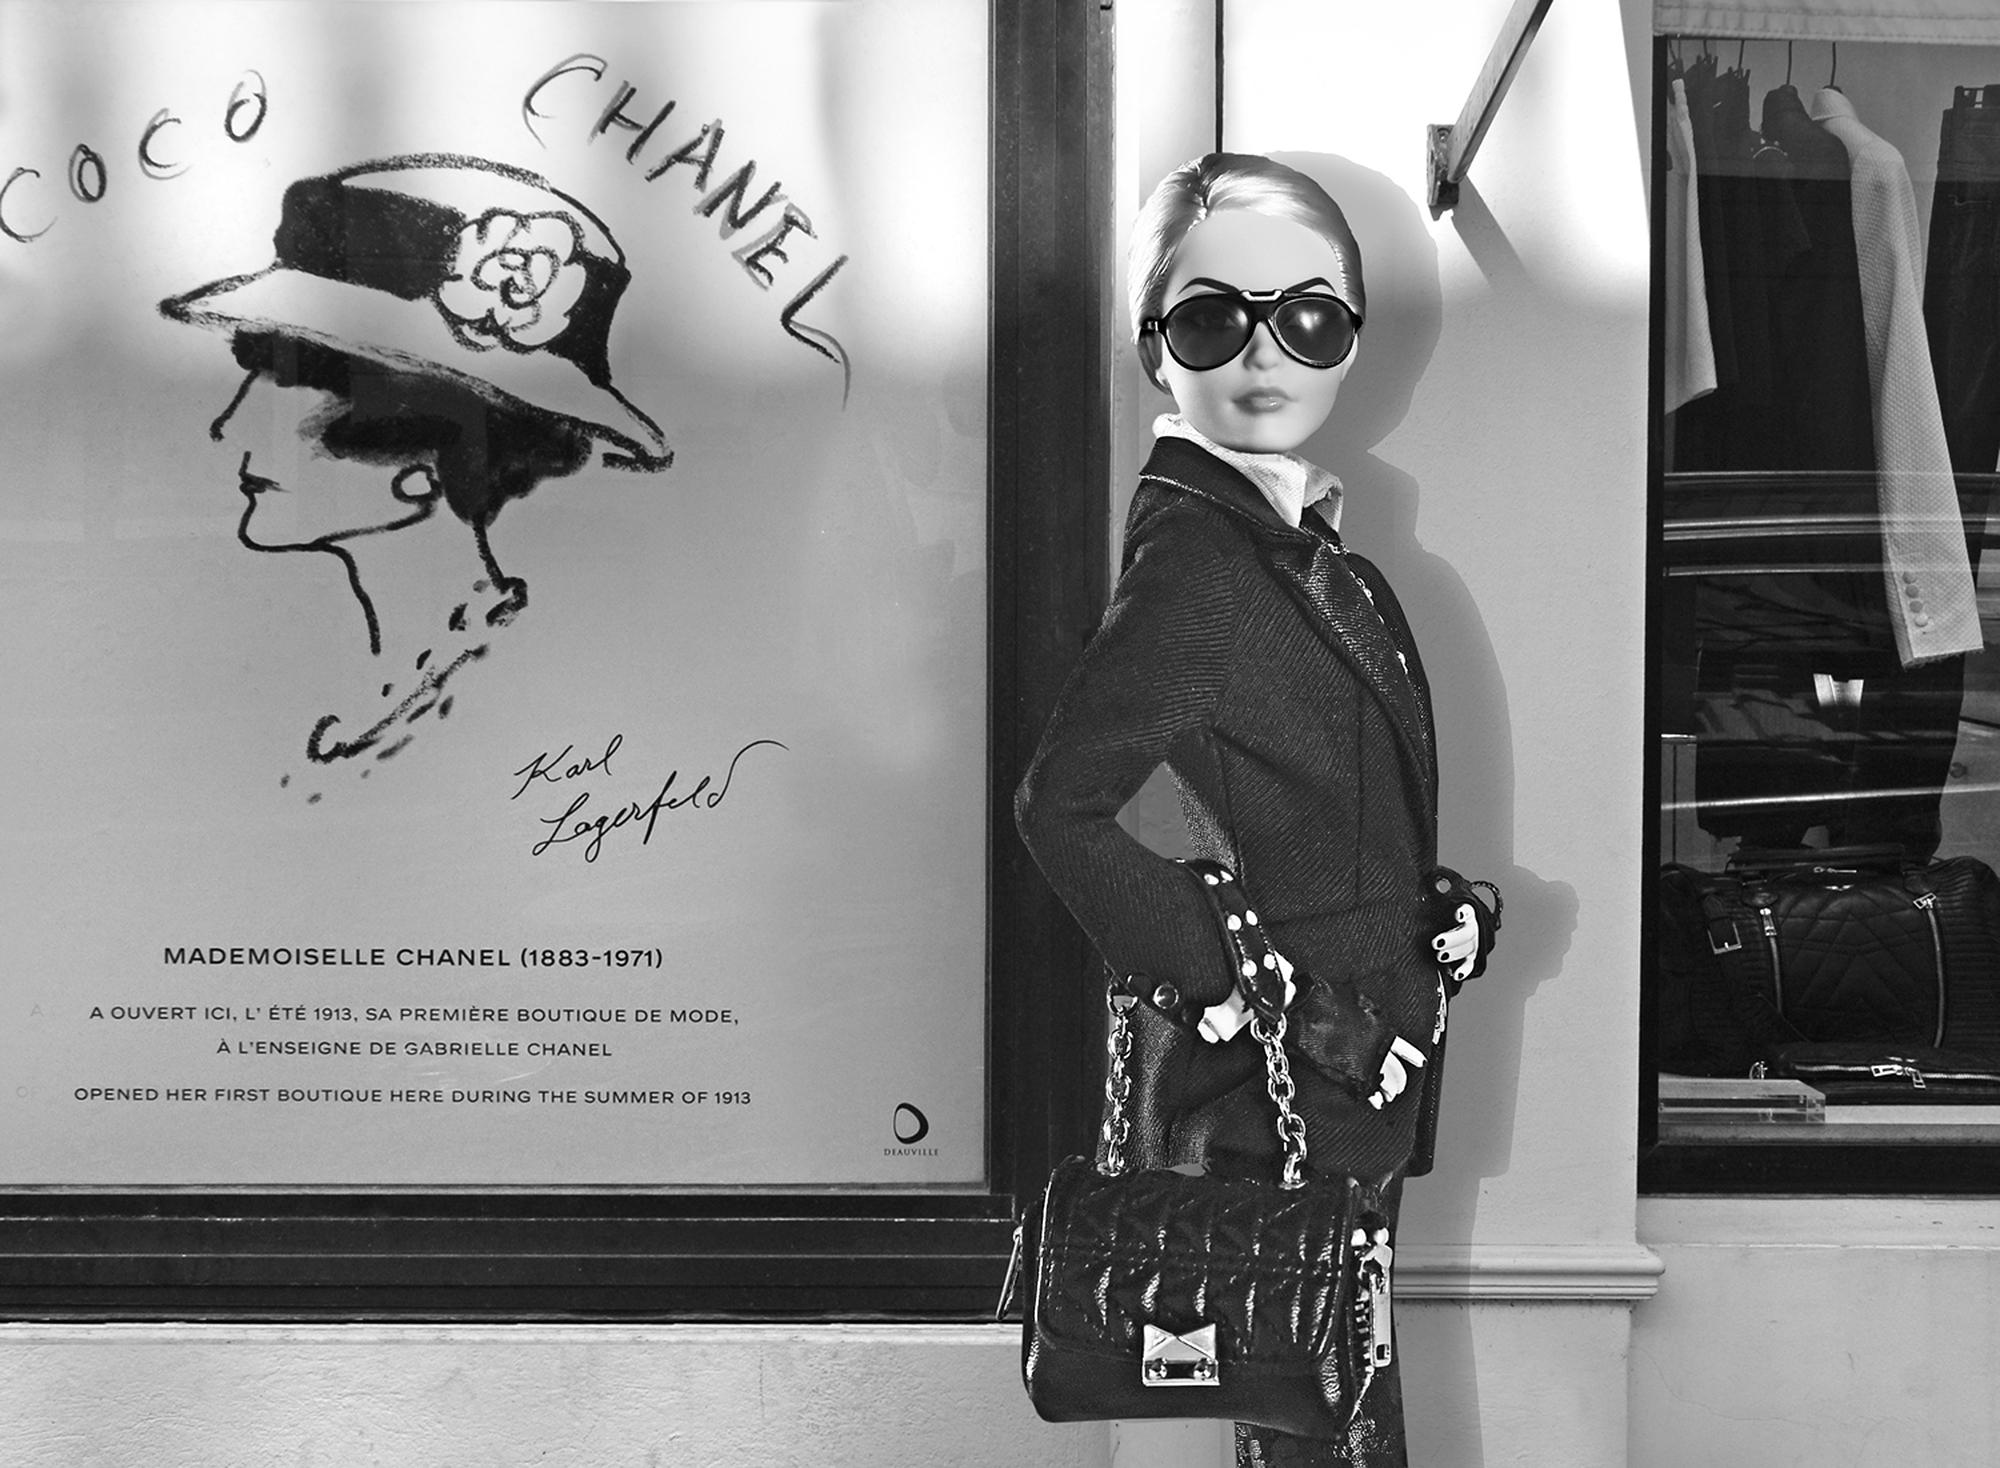 barbie Karl Lagerfeld Deauville-┬®michel Trehet